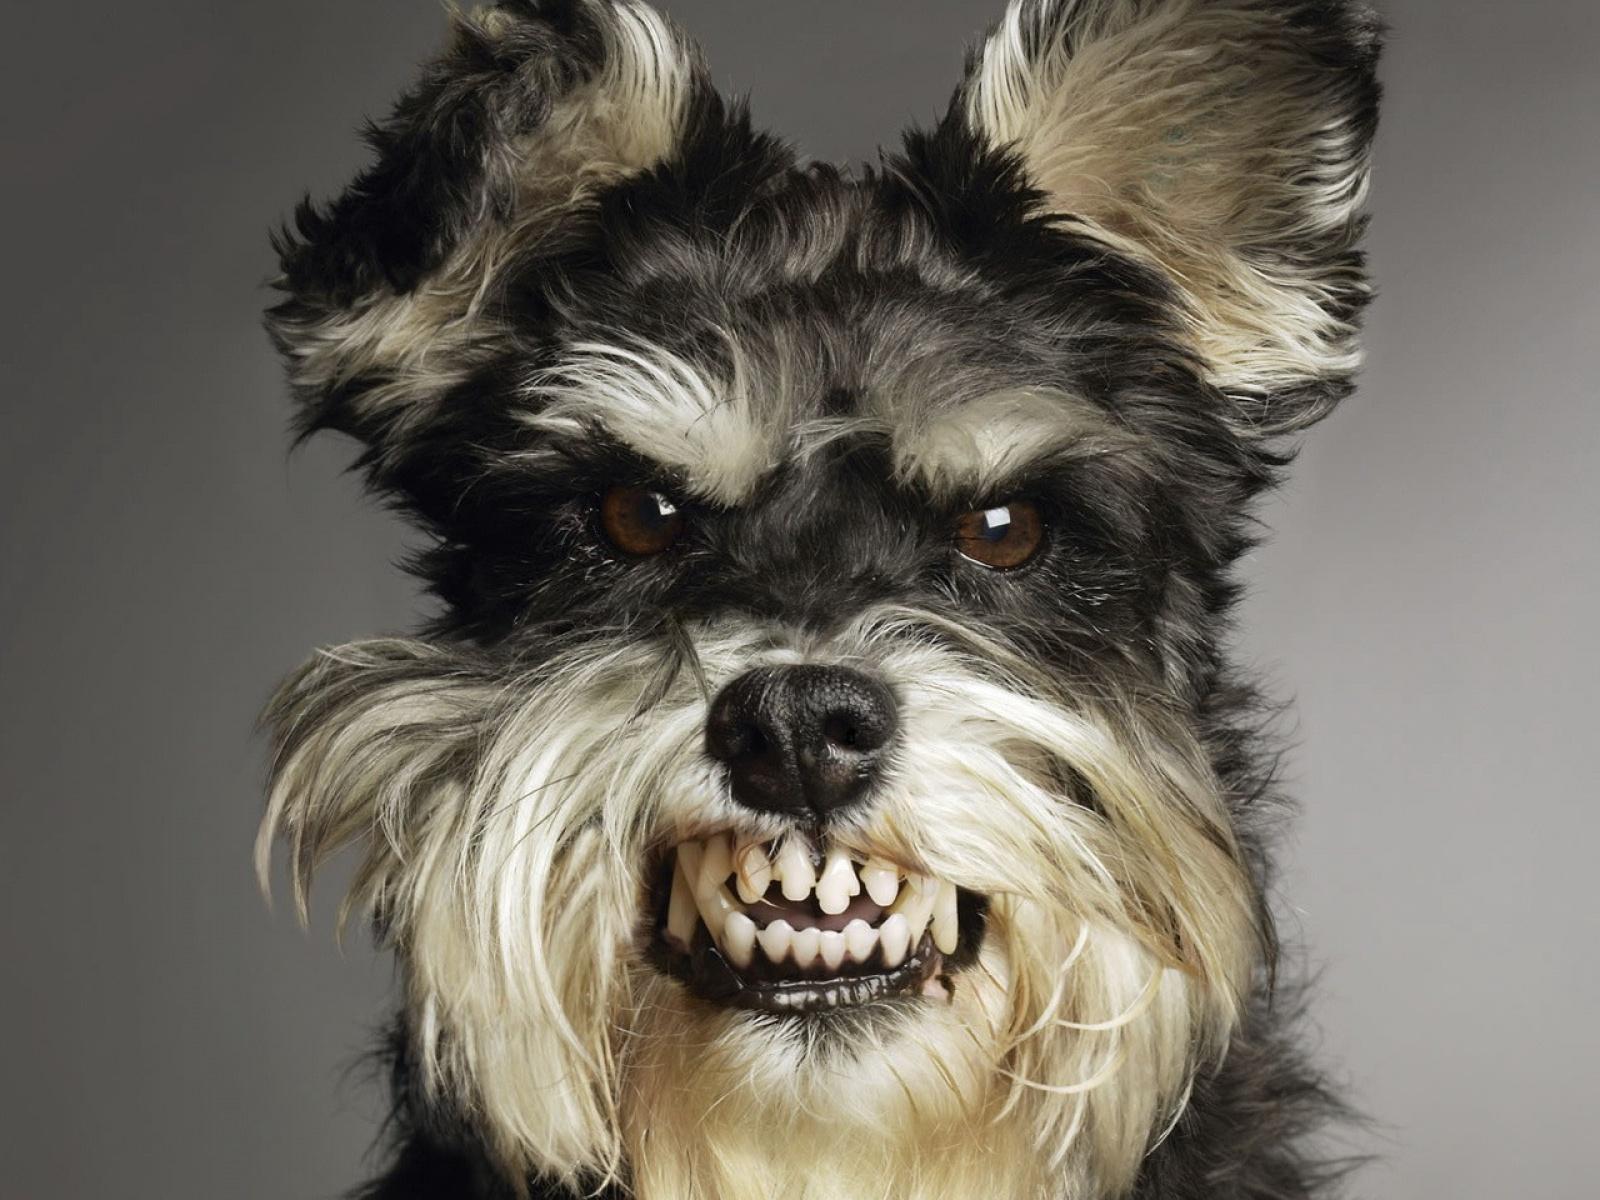 Le plus féroce de tout les chiens... Mouk!